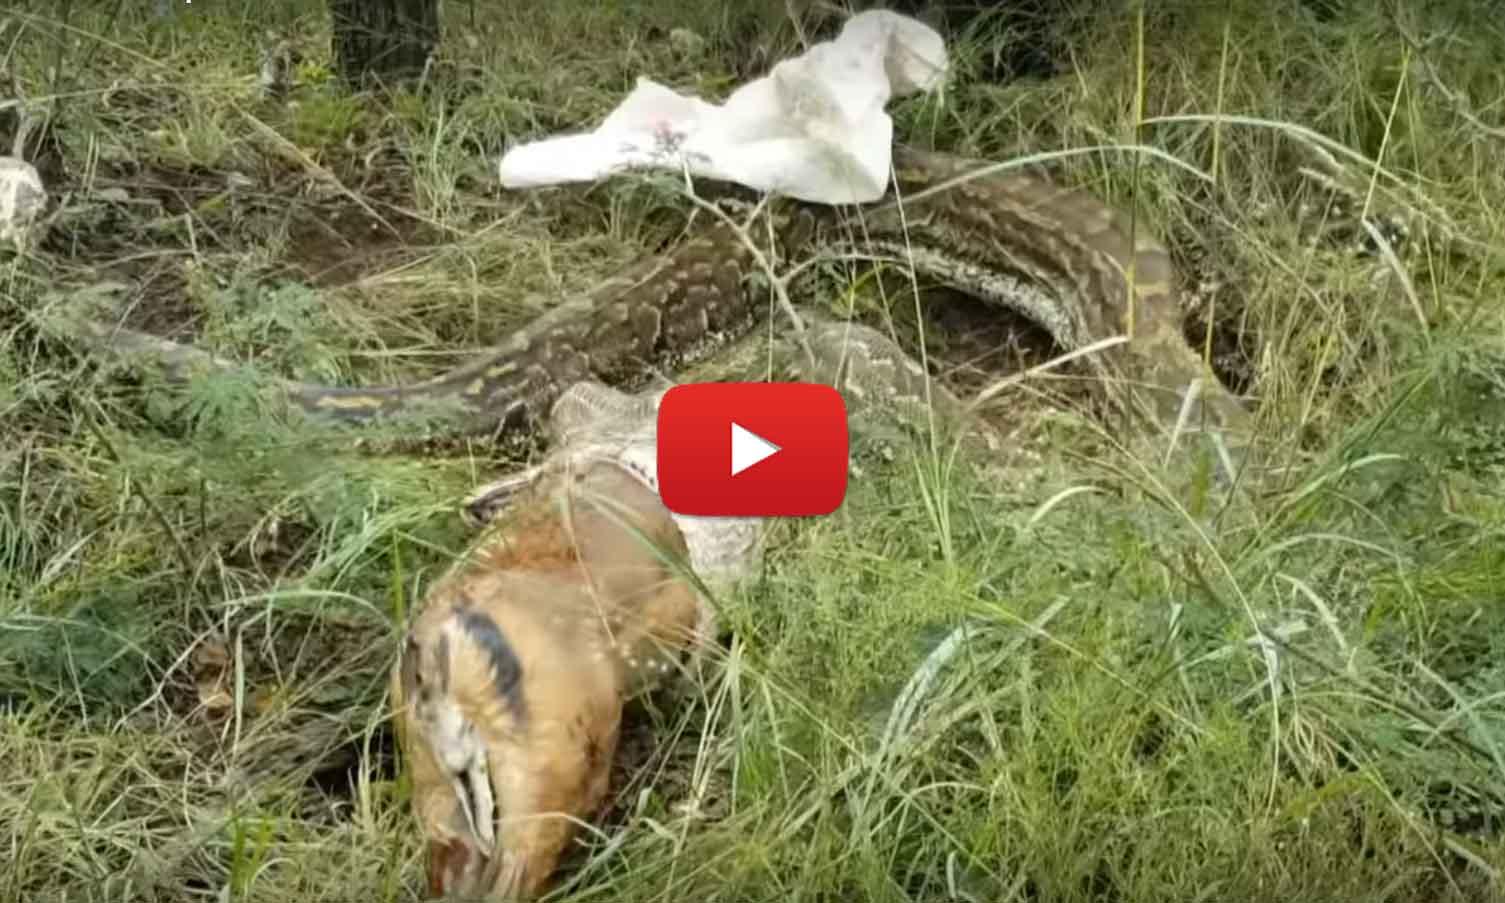 Четырехметровый питон отрыгивает целую антилопу (видео)